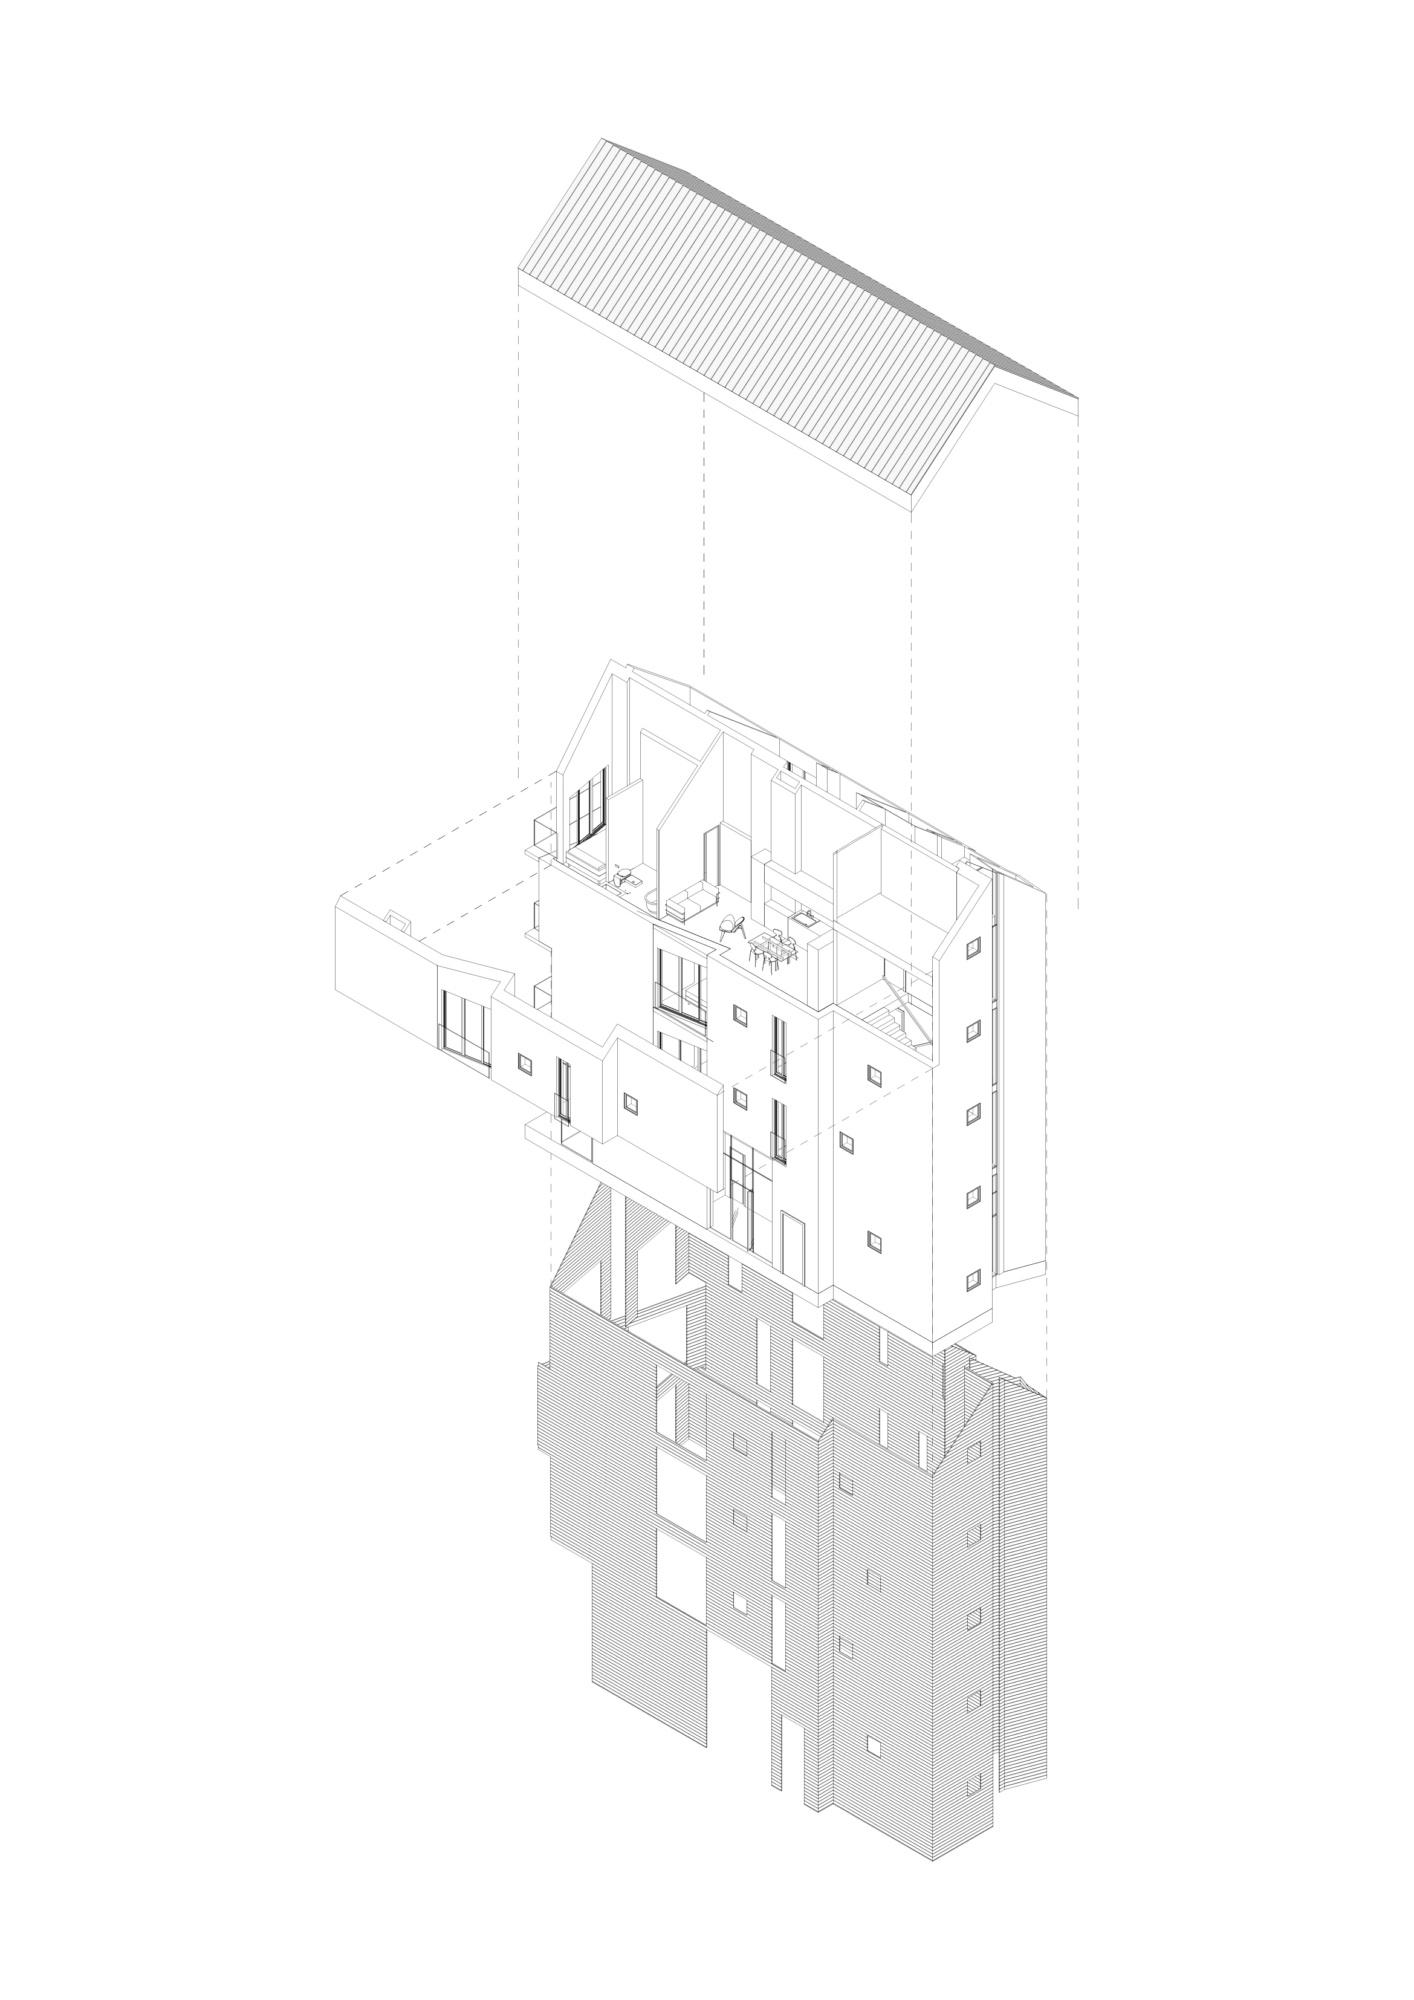 Среднеэтажный дом. Архитектурная концепция стандартного малоэтажного жилья и жилой застройки. ©DMTRVK